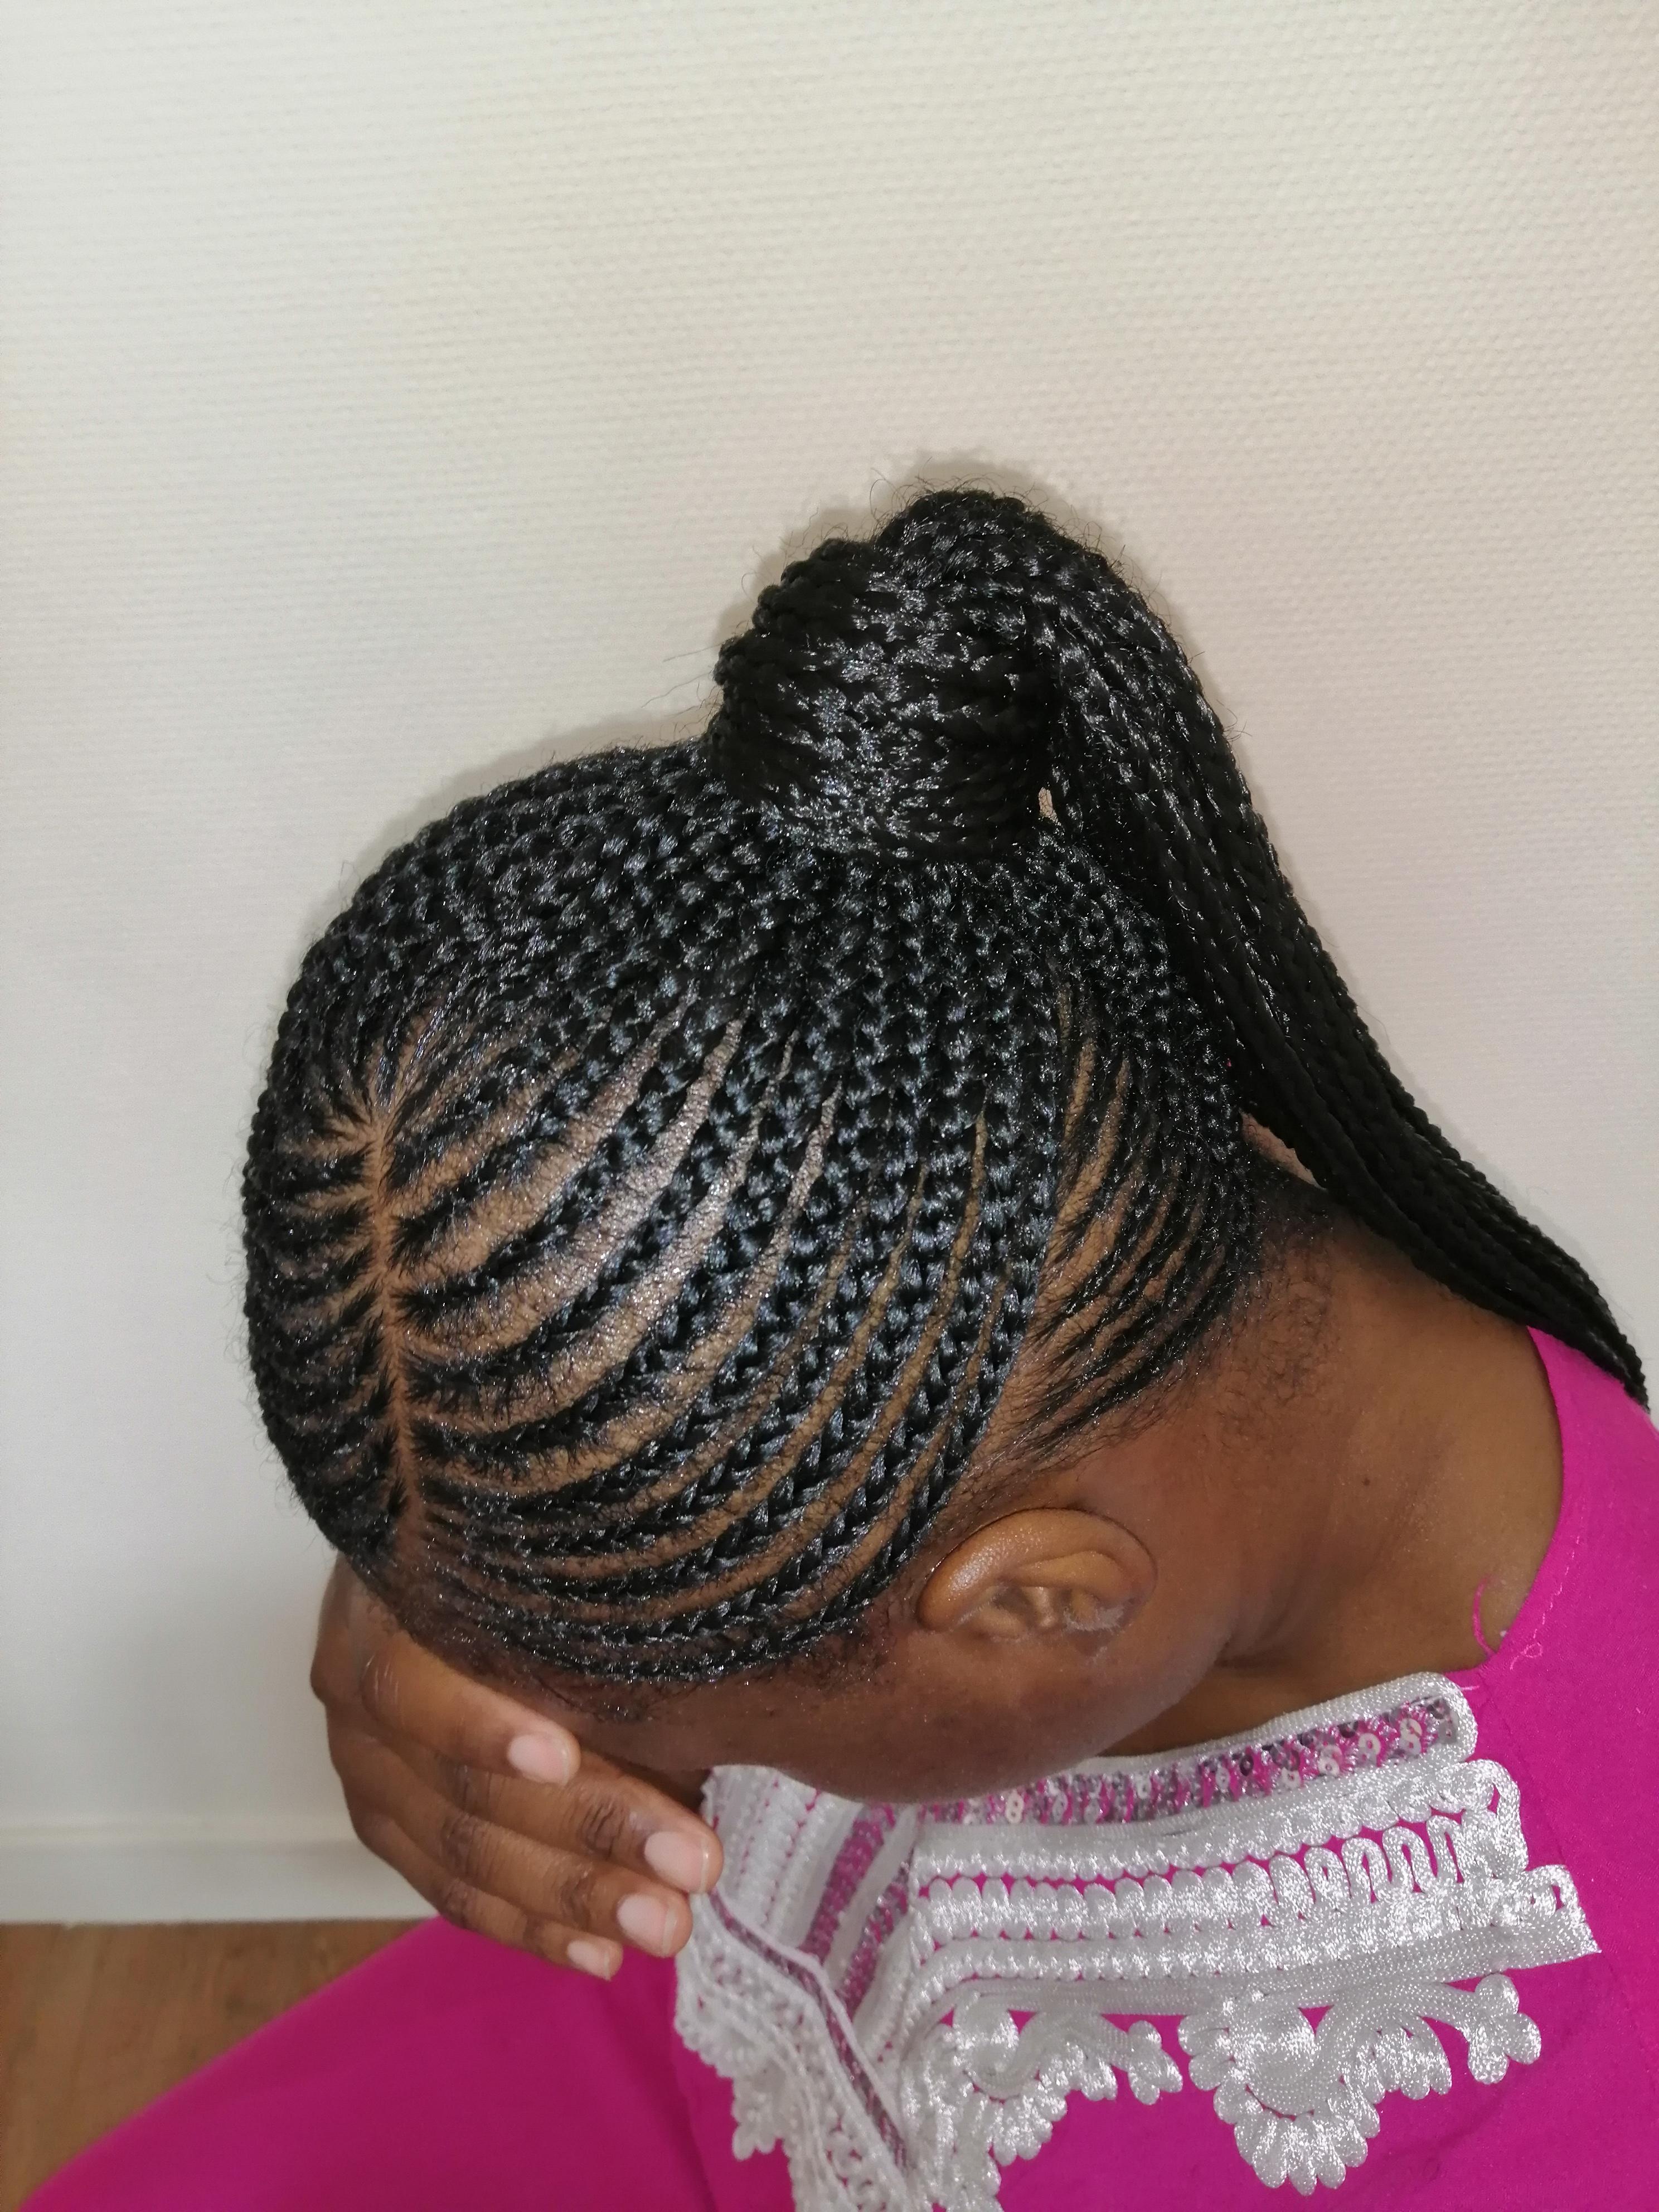 salon de coiffure afro tresse tresses box braids crochet braids vanilles tissages paris 75 77 78 91 92 93 94 95 MQPSCMWQ